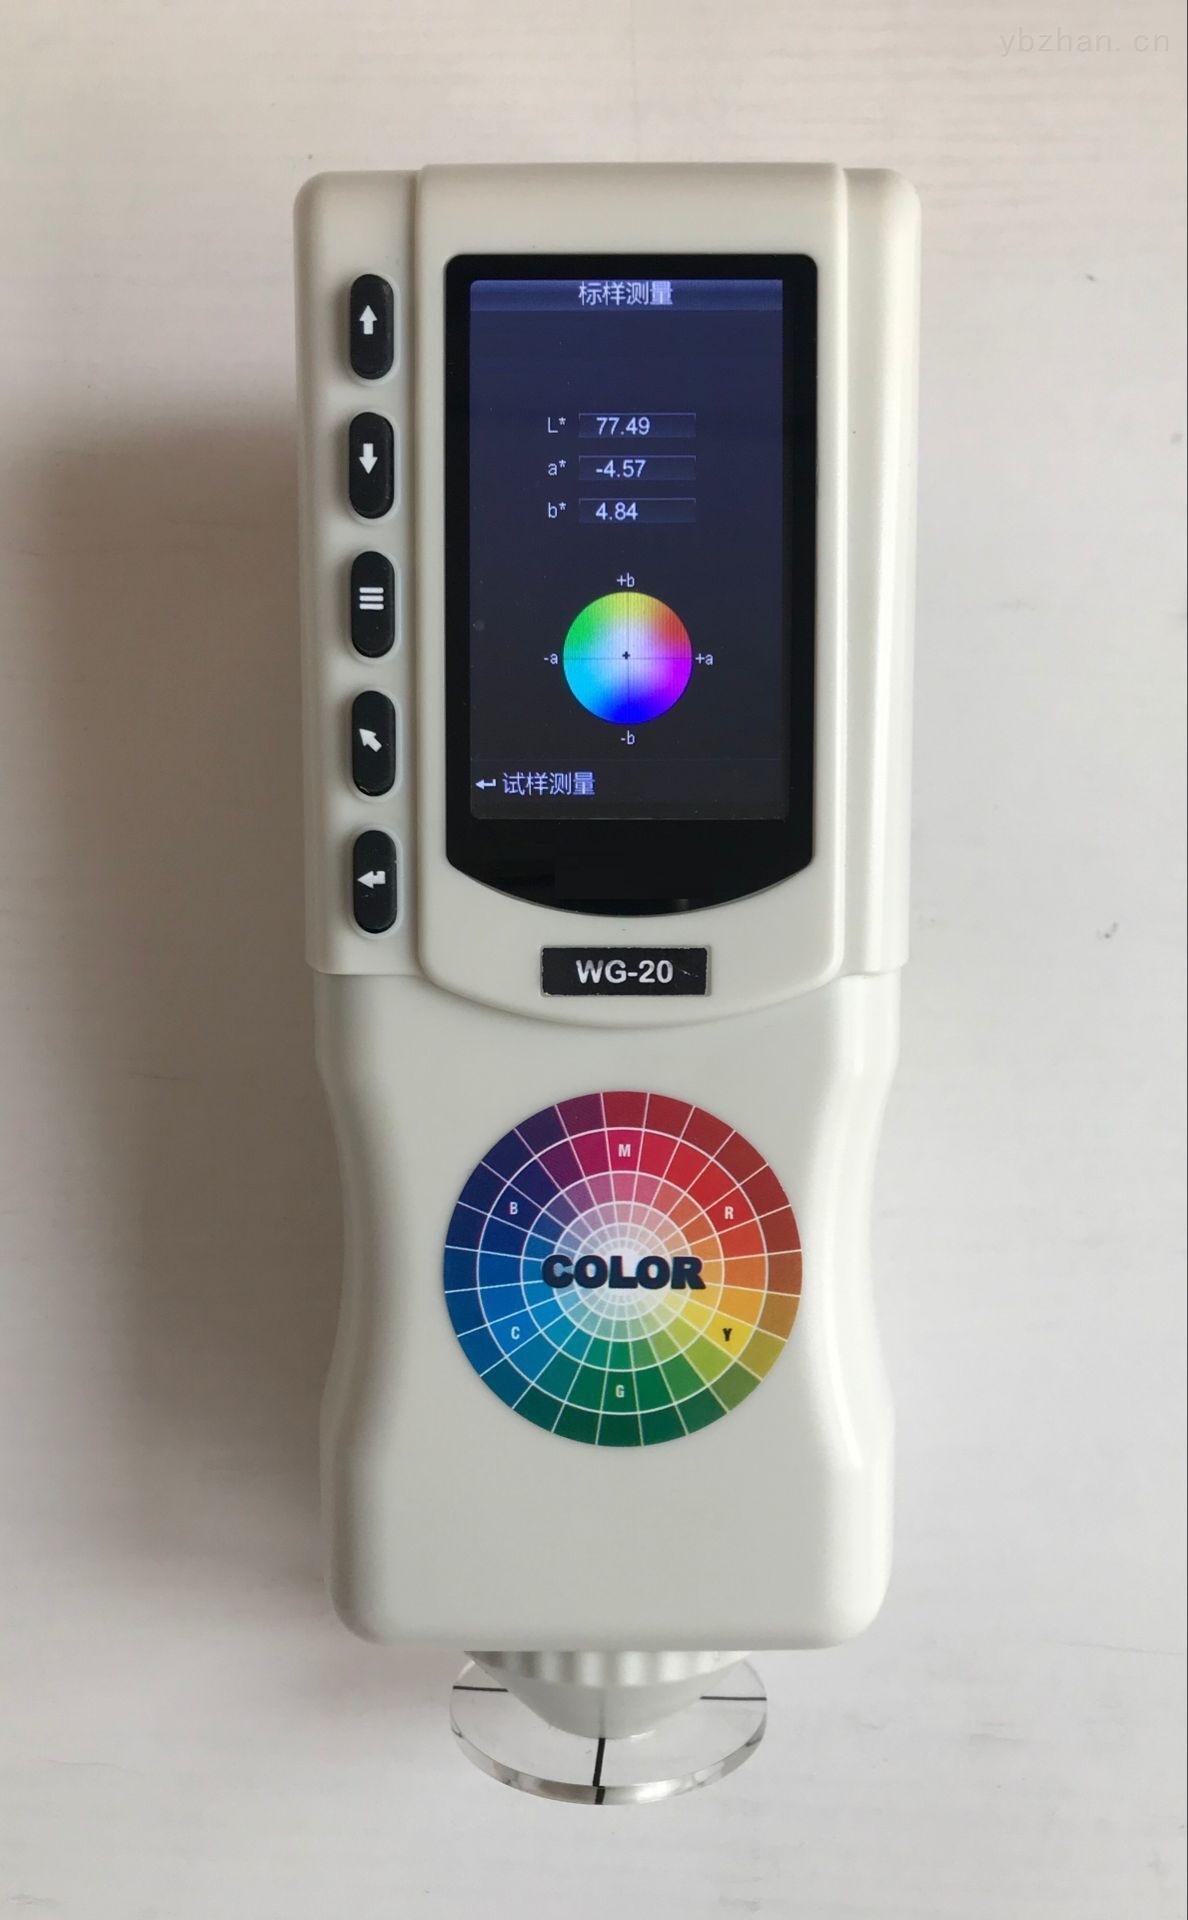 WG-20色差仪,色度计,颜色检测仪,色差计